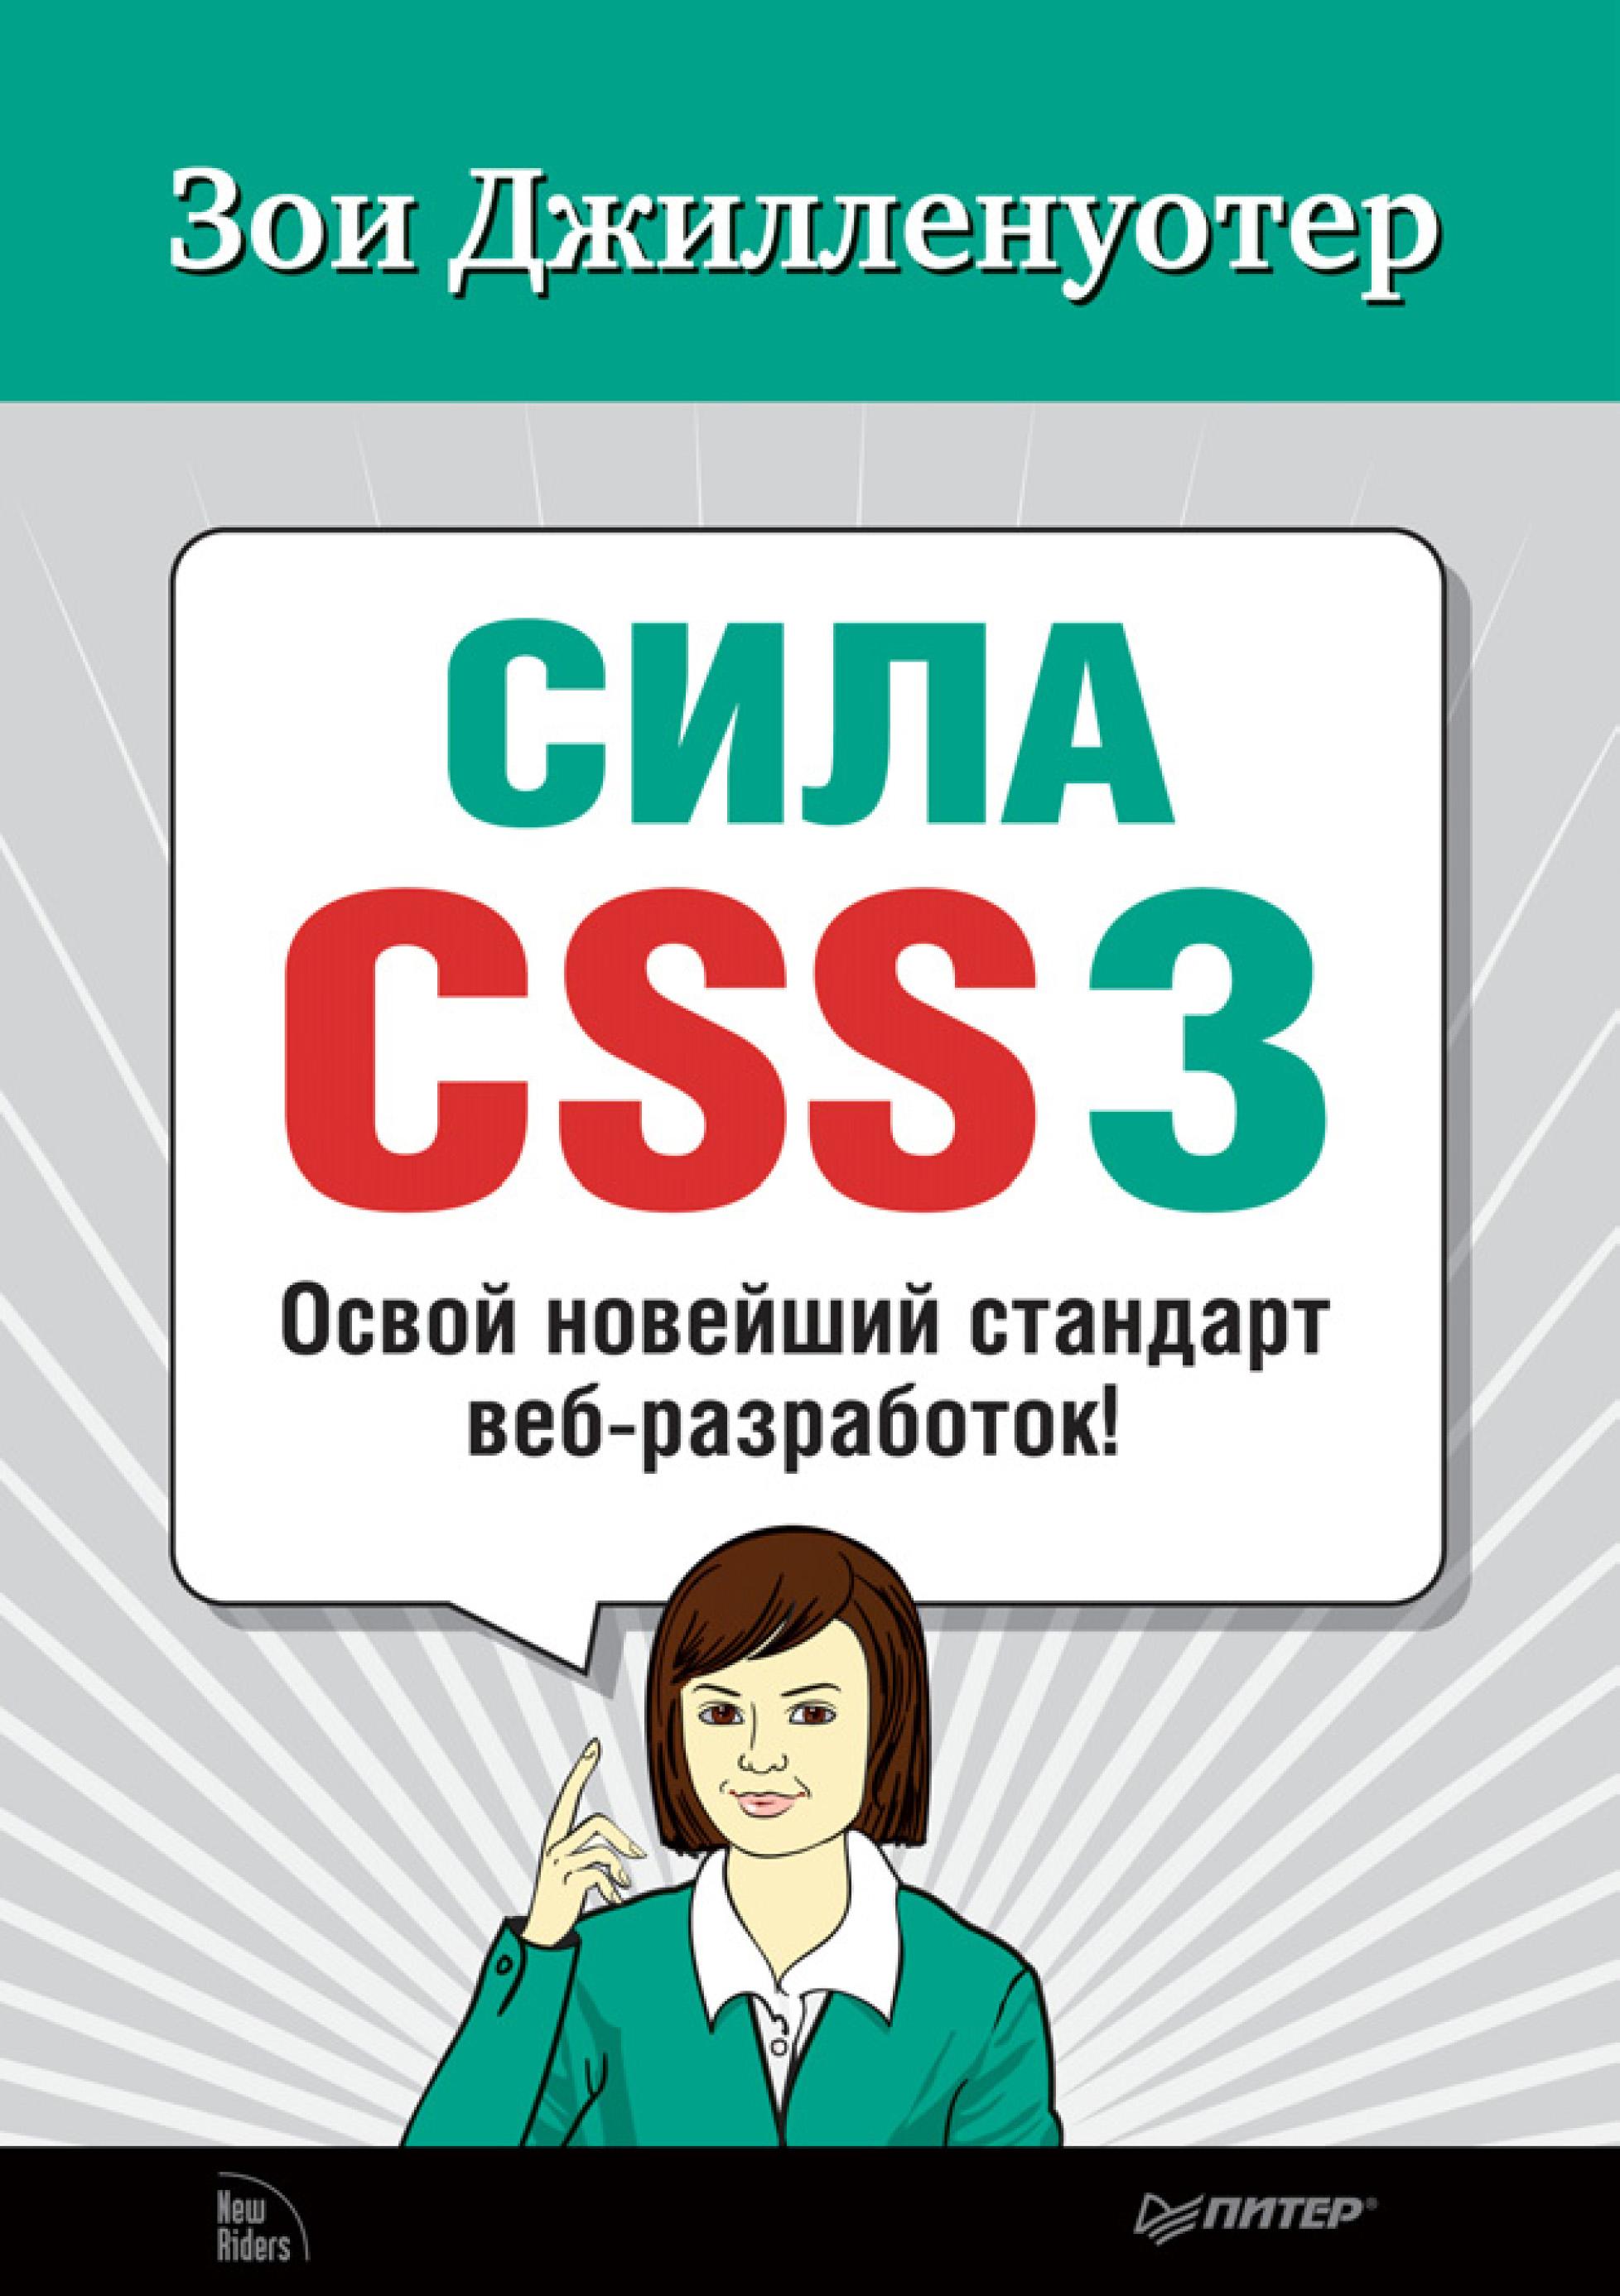 Зои Джилленуотер Сила CSS3. Освой новейший стандарт веб-разработок!